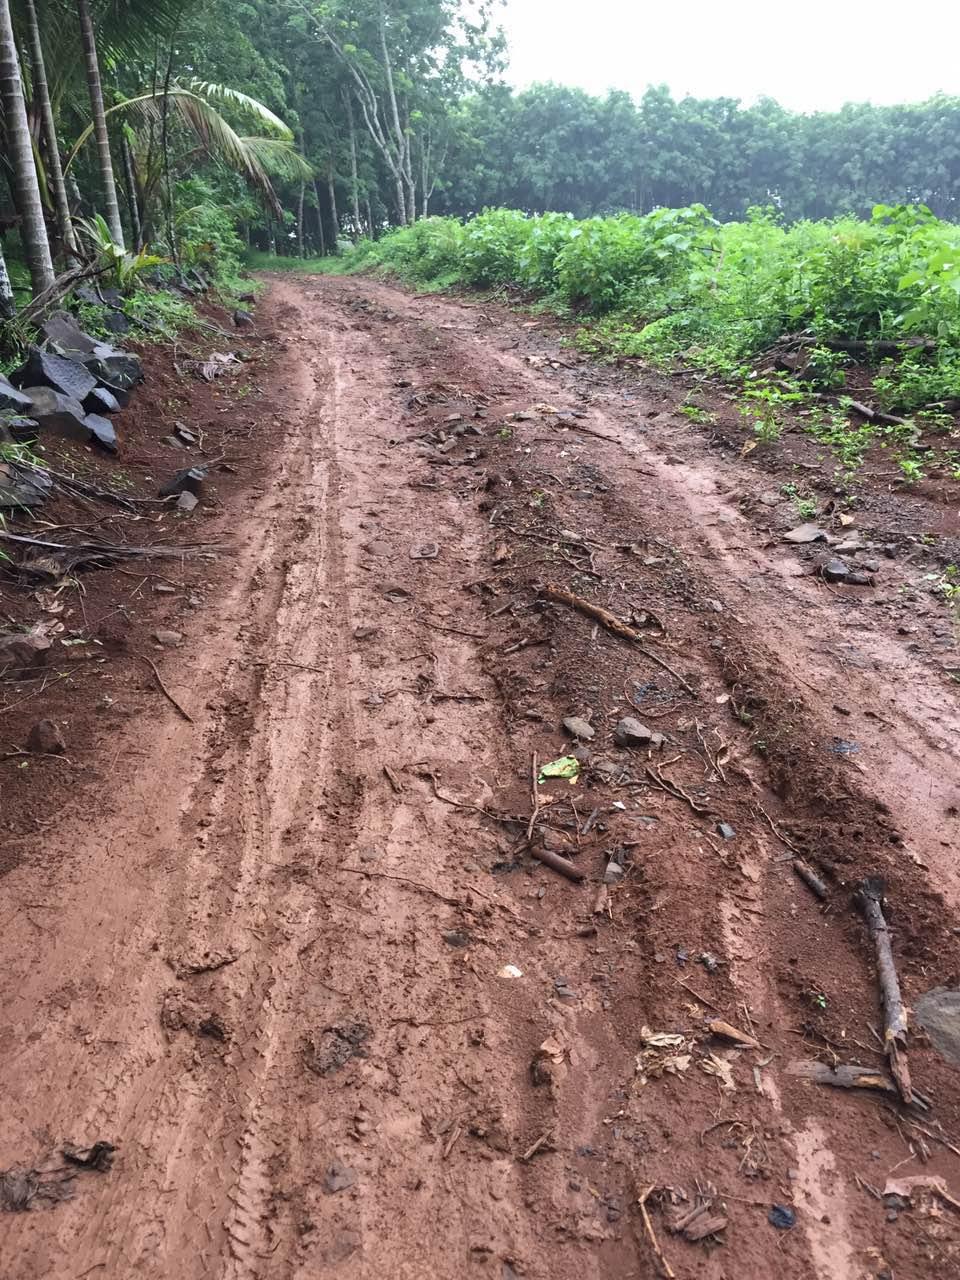 大路镇湖仔村委会坡上园村的路太烂了!能不能修一修!